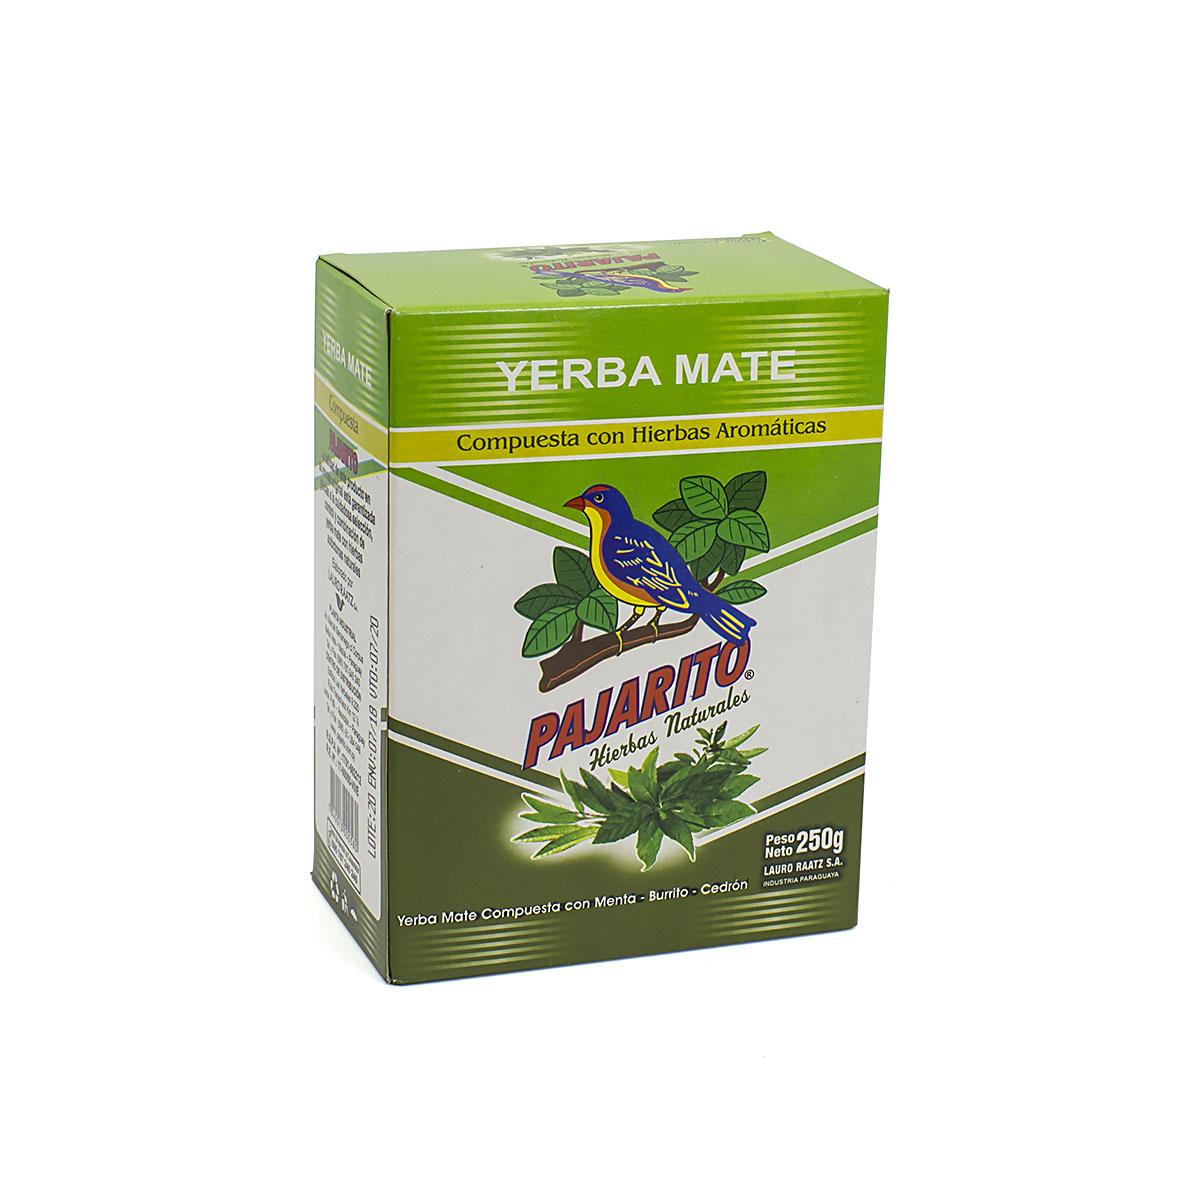 Мате Pajarito Compuesta Hierbas, 250 г